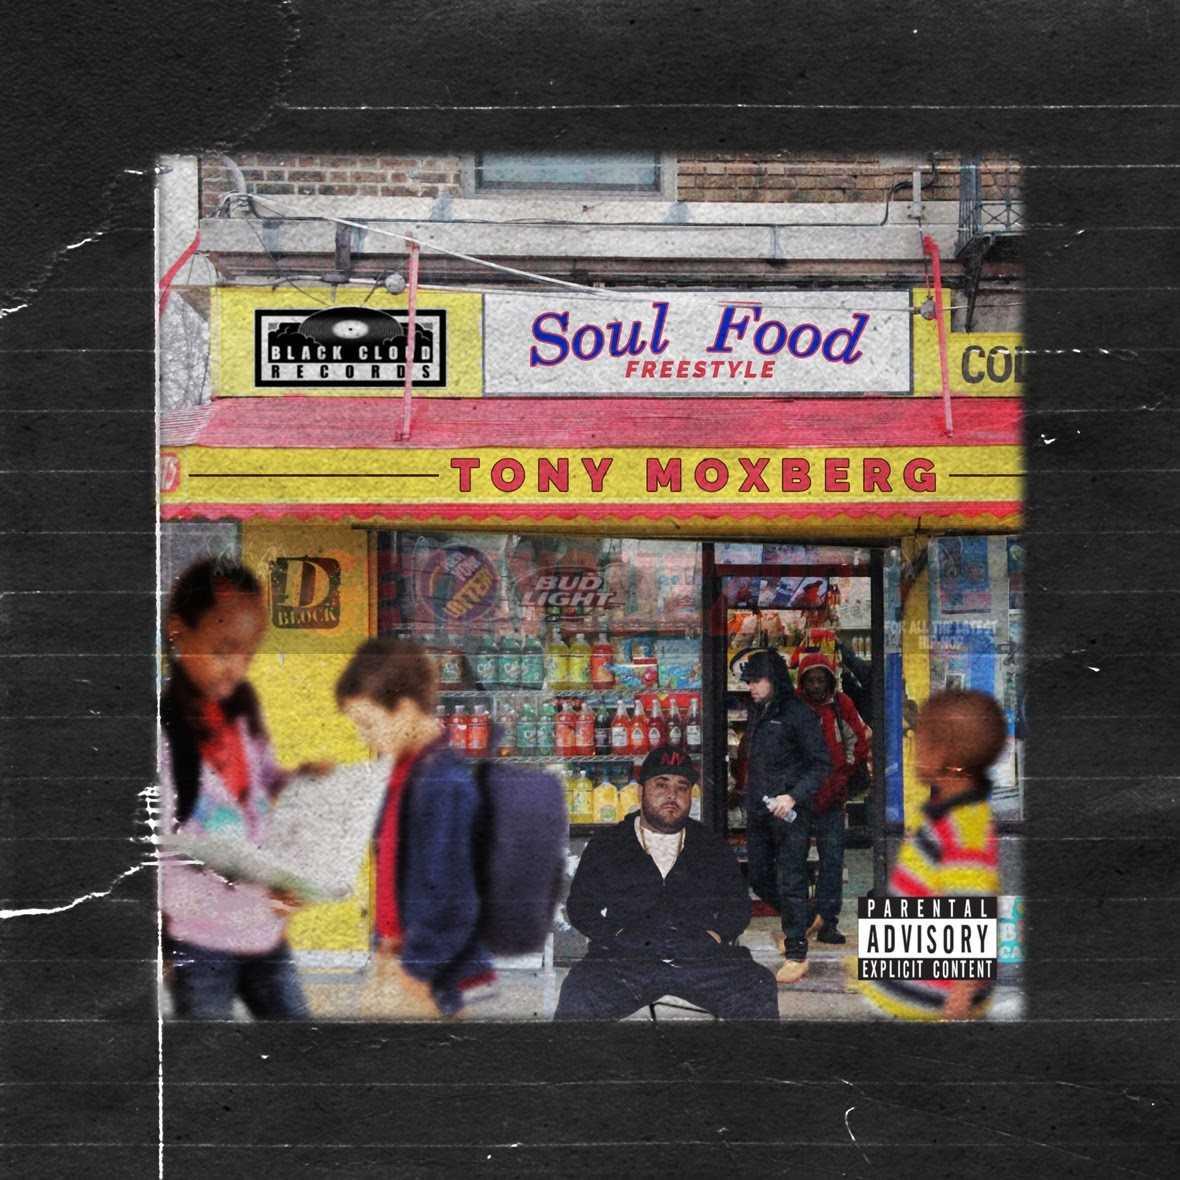 Tony Moxberg – 'Soul Food' (Freestyle) [Audio]